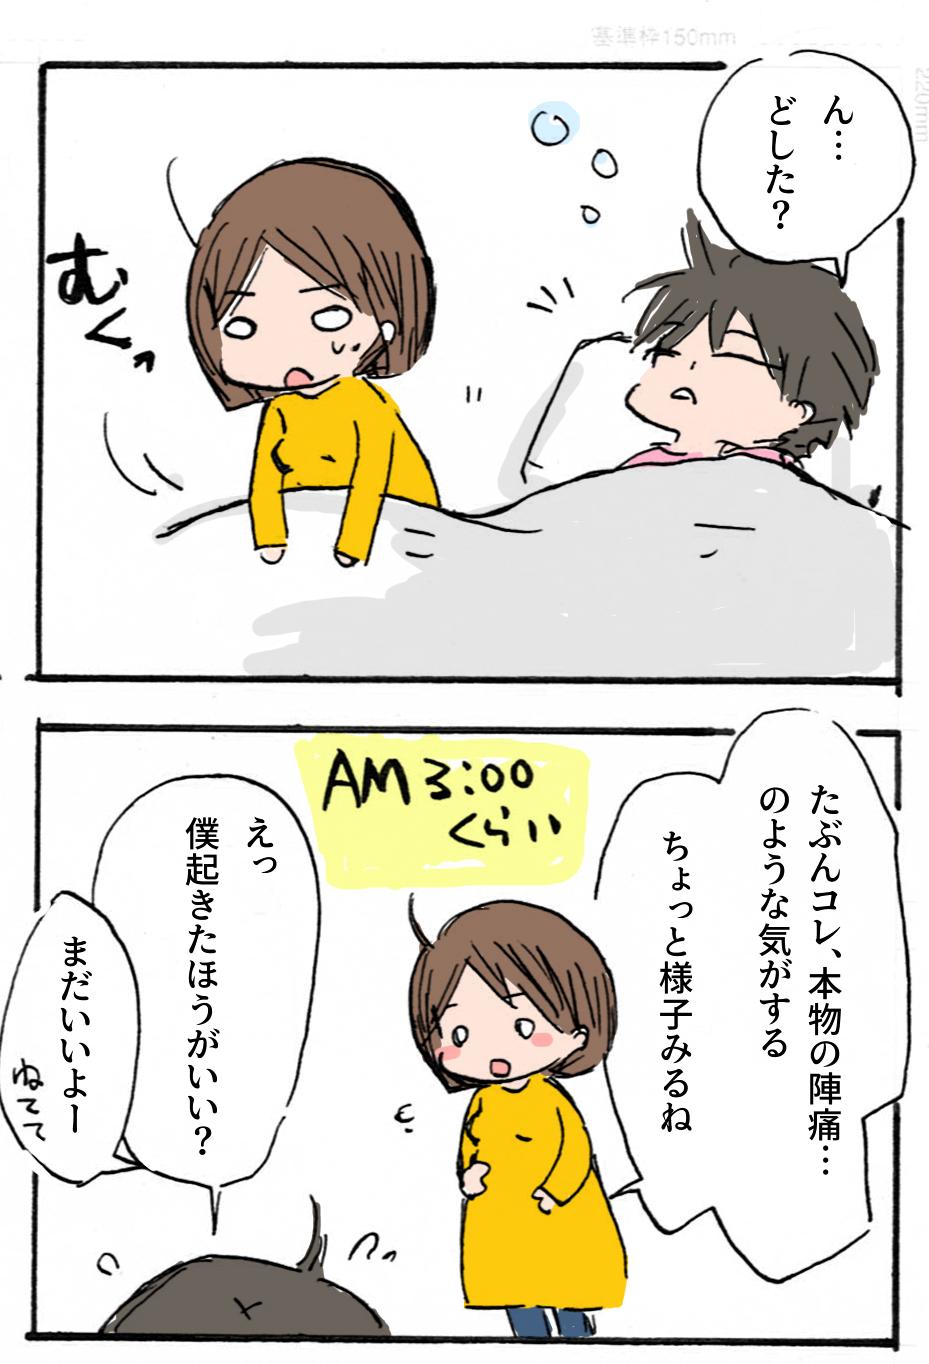 陣痛と交通手段【出産レポ2】